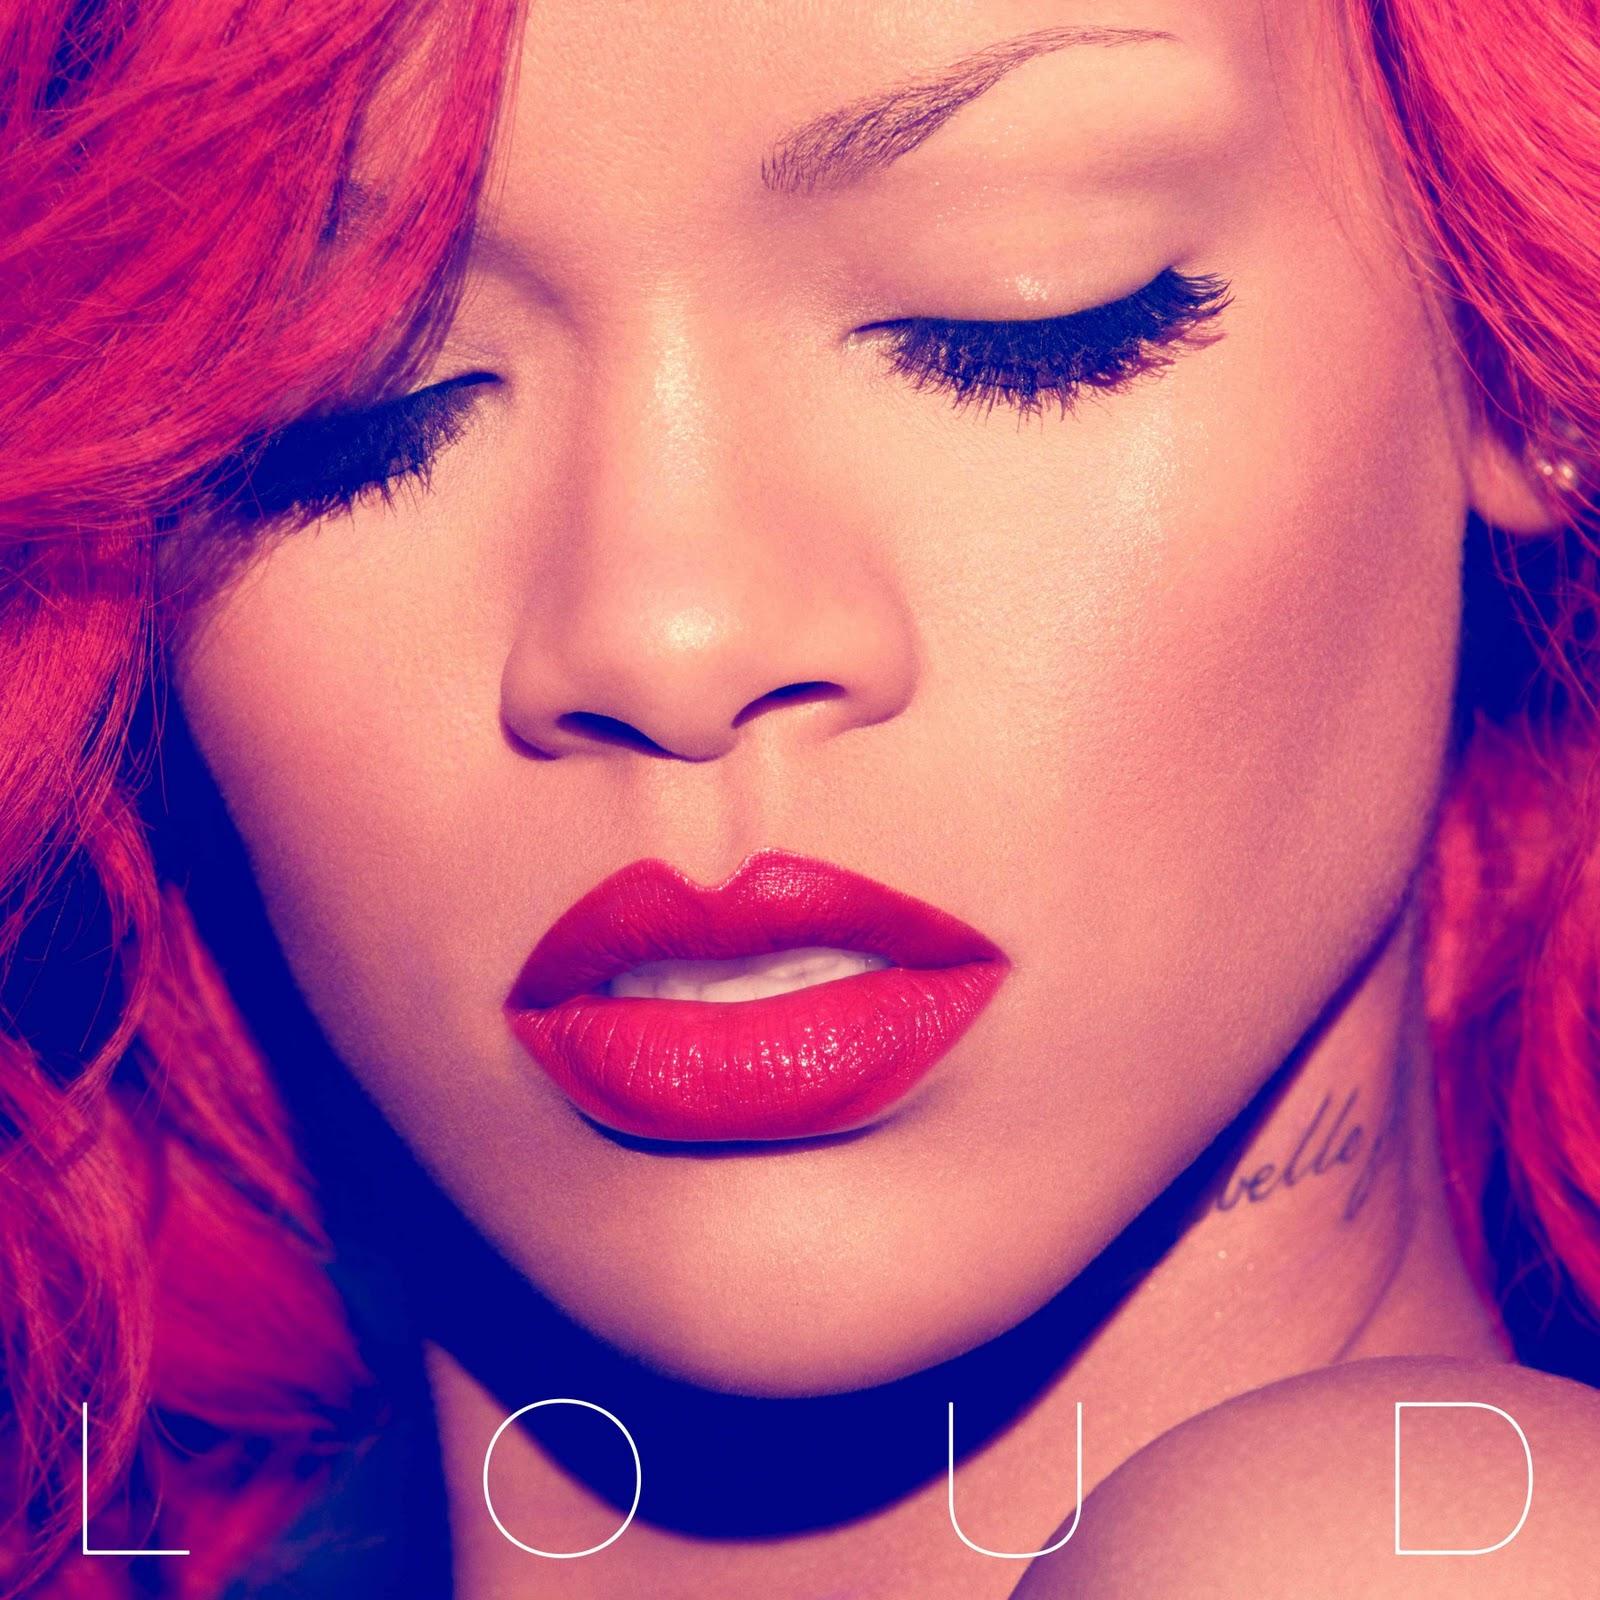 http://2.bp.blogspot.com/_lgTyldTrebU/TOcKf4TUQPI/AAAAAAAAABA/hNlgYlyIBxE/s1600/Rihanna-Loud-Album-Cover.jpg